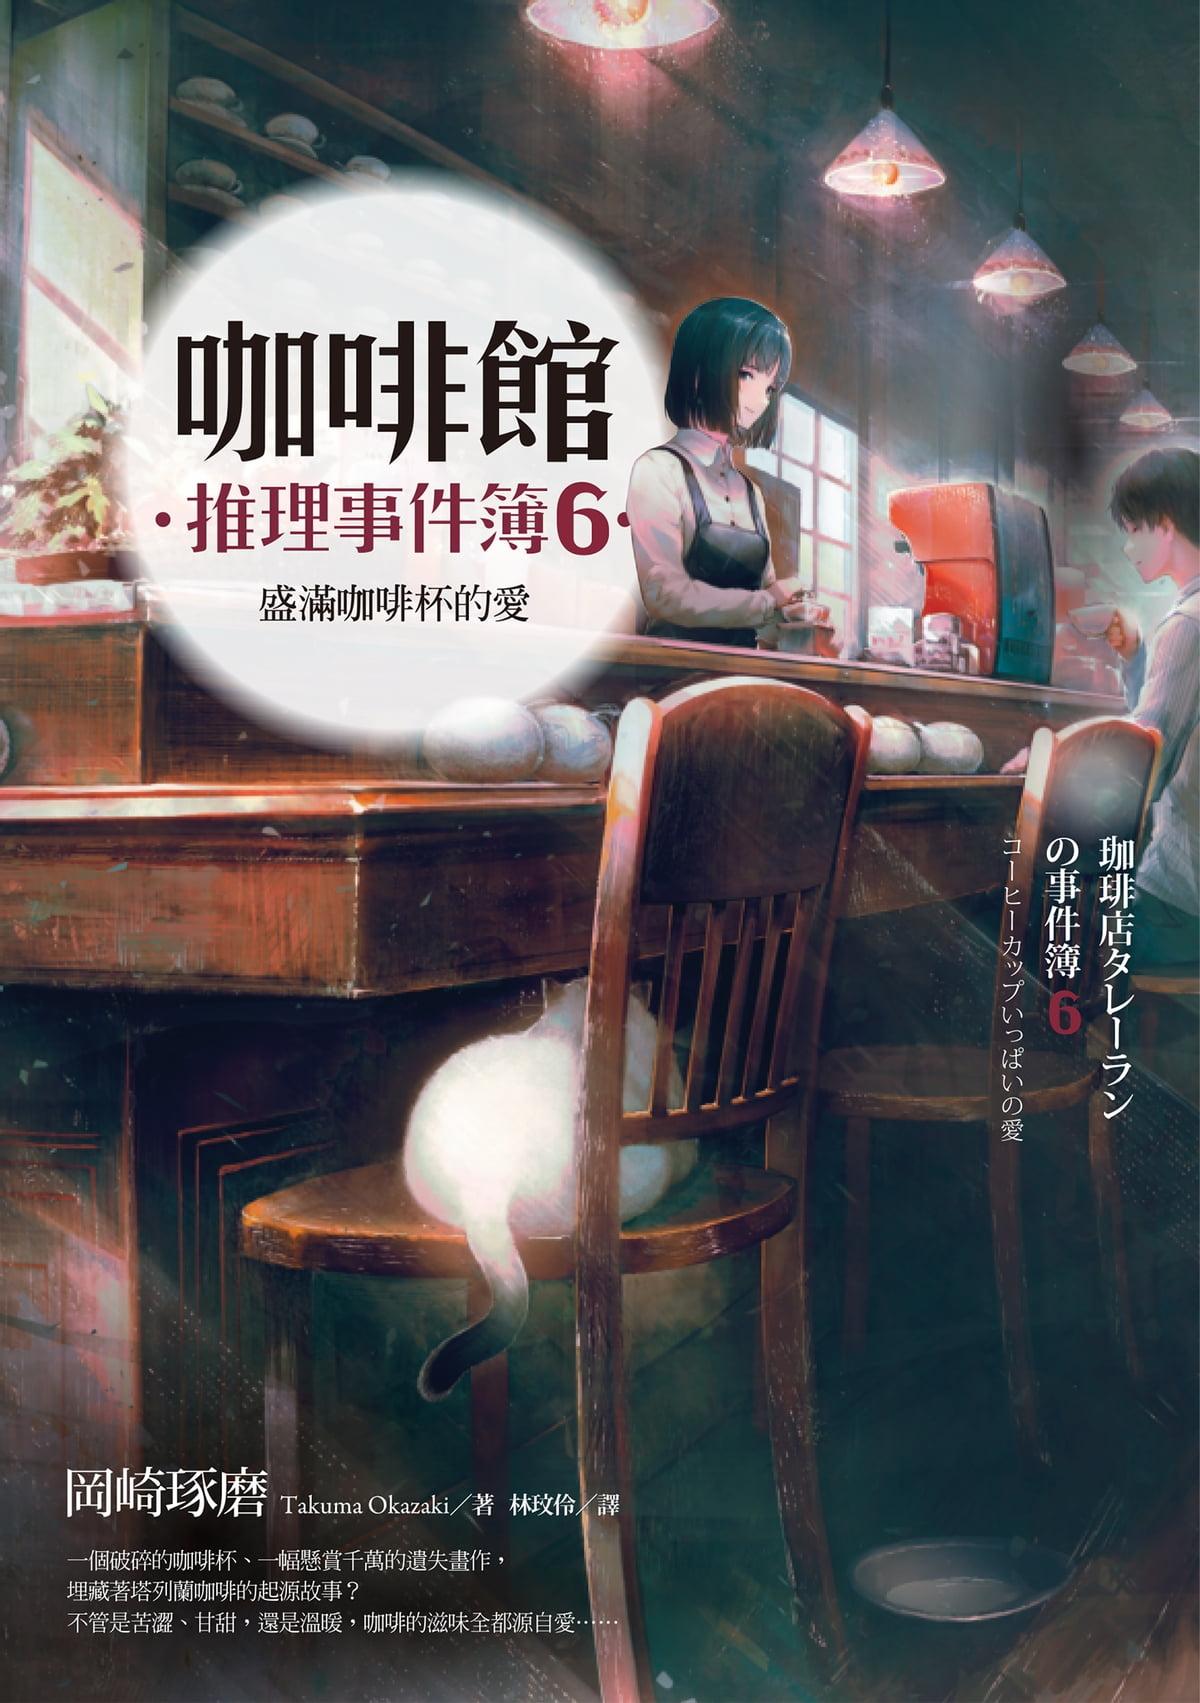 咖啡館推理事件簿6:盛滿咖啡杯的愛 電子書,分類依據 岡崎琢磨(Takuma Okazaki) - 3119863448501 | Rakuten Kobo 臺灣